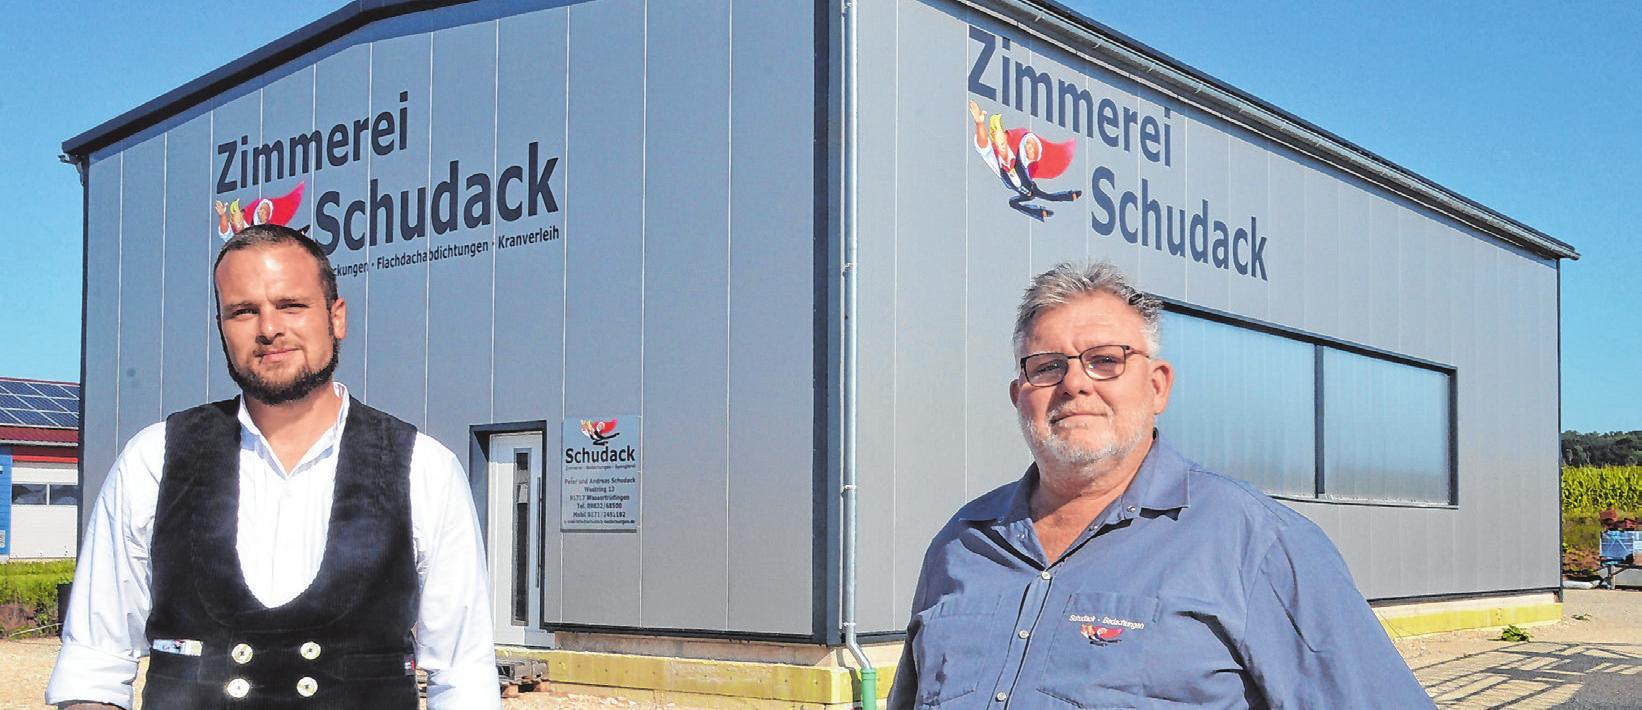 Zimmerermeister Andreas Schudack (links) und sein Vater, Dachdeckermeister Peter Schudack (rechts), vor der neuen Abbundhalle im Wassertrüdinger Industriegebiet am Westring. Fotos: Peter Tippl